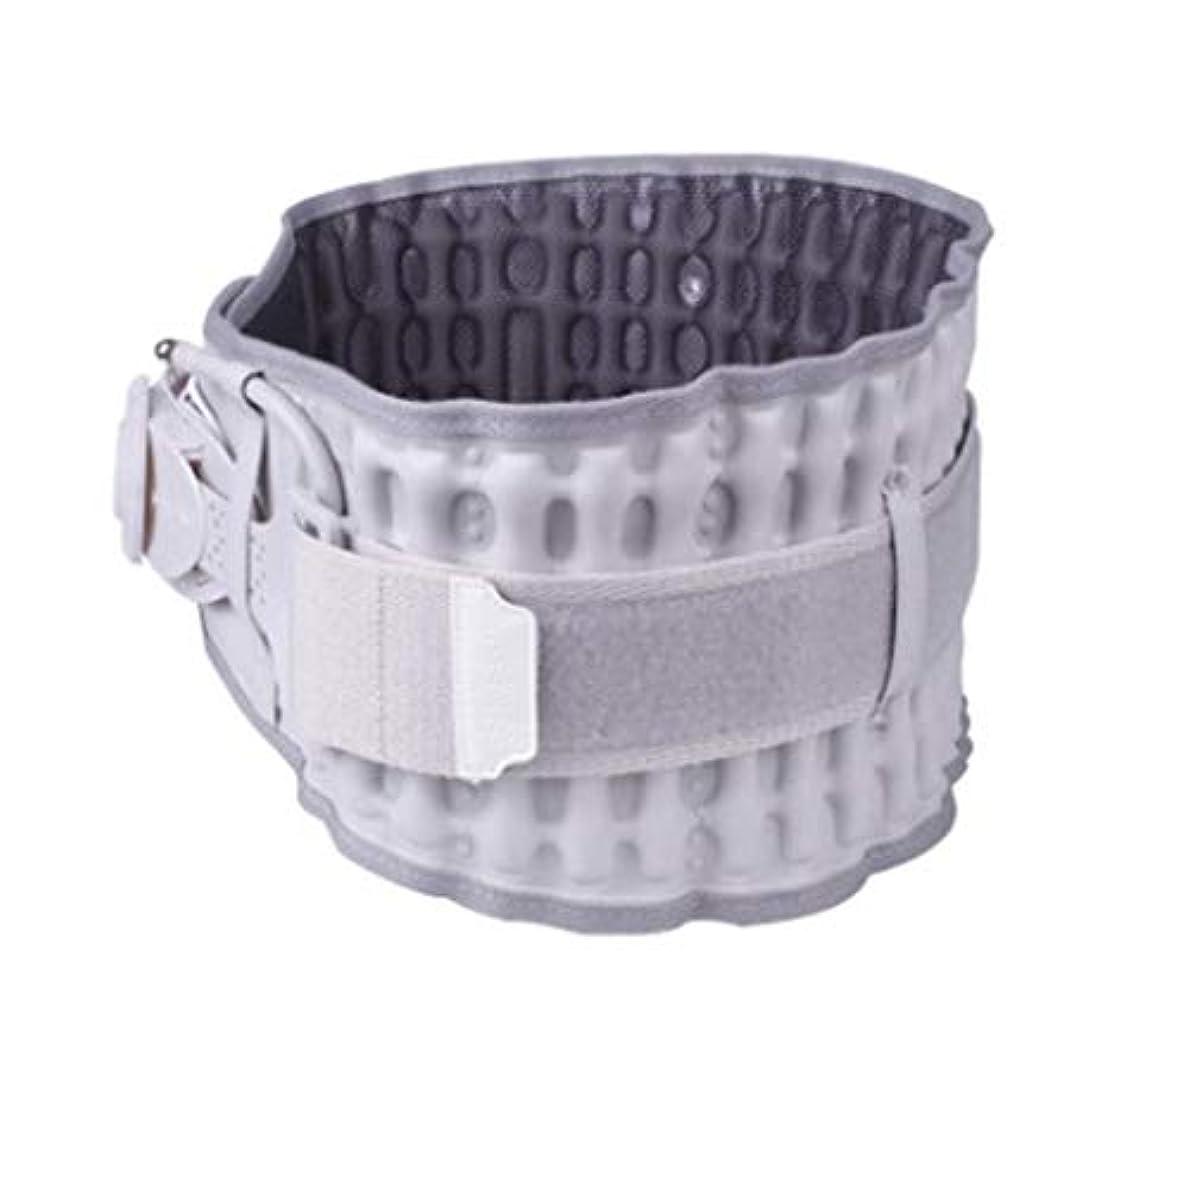 トーン貝殻うめき声ウエストマッサージャー、減圧ベルト、腰椎減圧ベルト、背中のマッサージサポートツール、ユニセックス